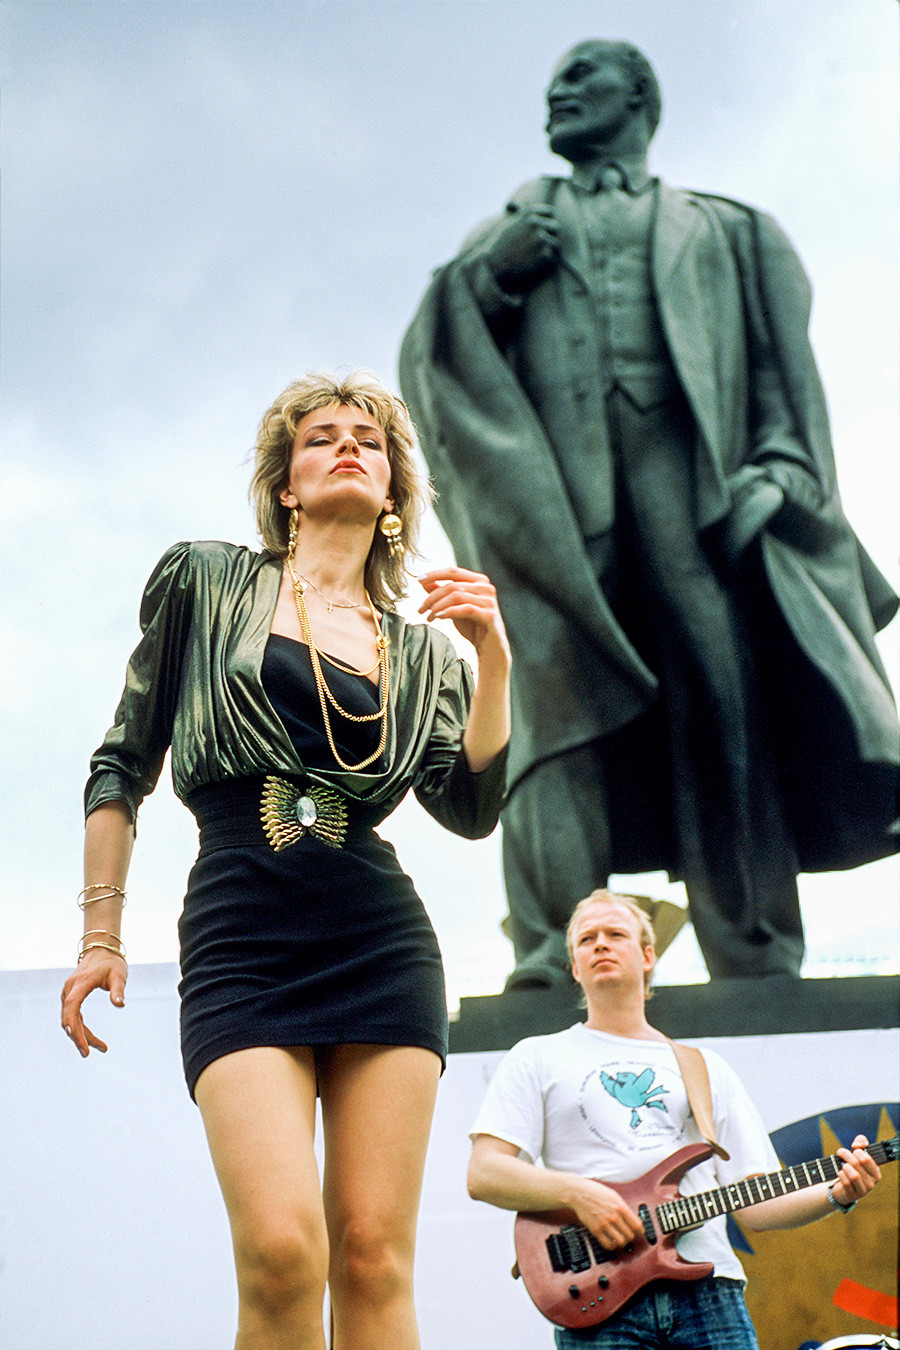 レーニン像の前の若きロッカーたち